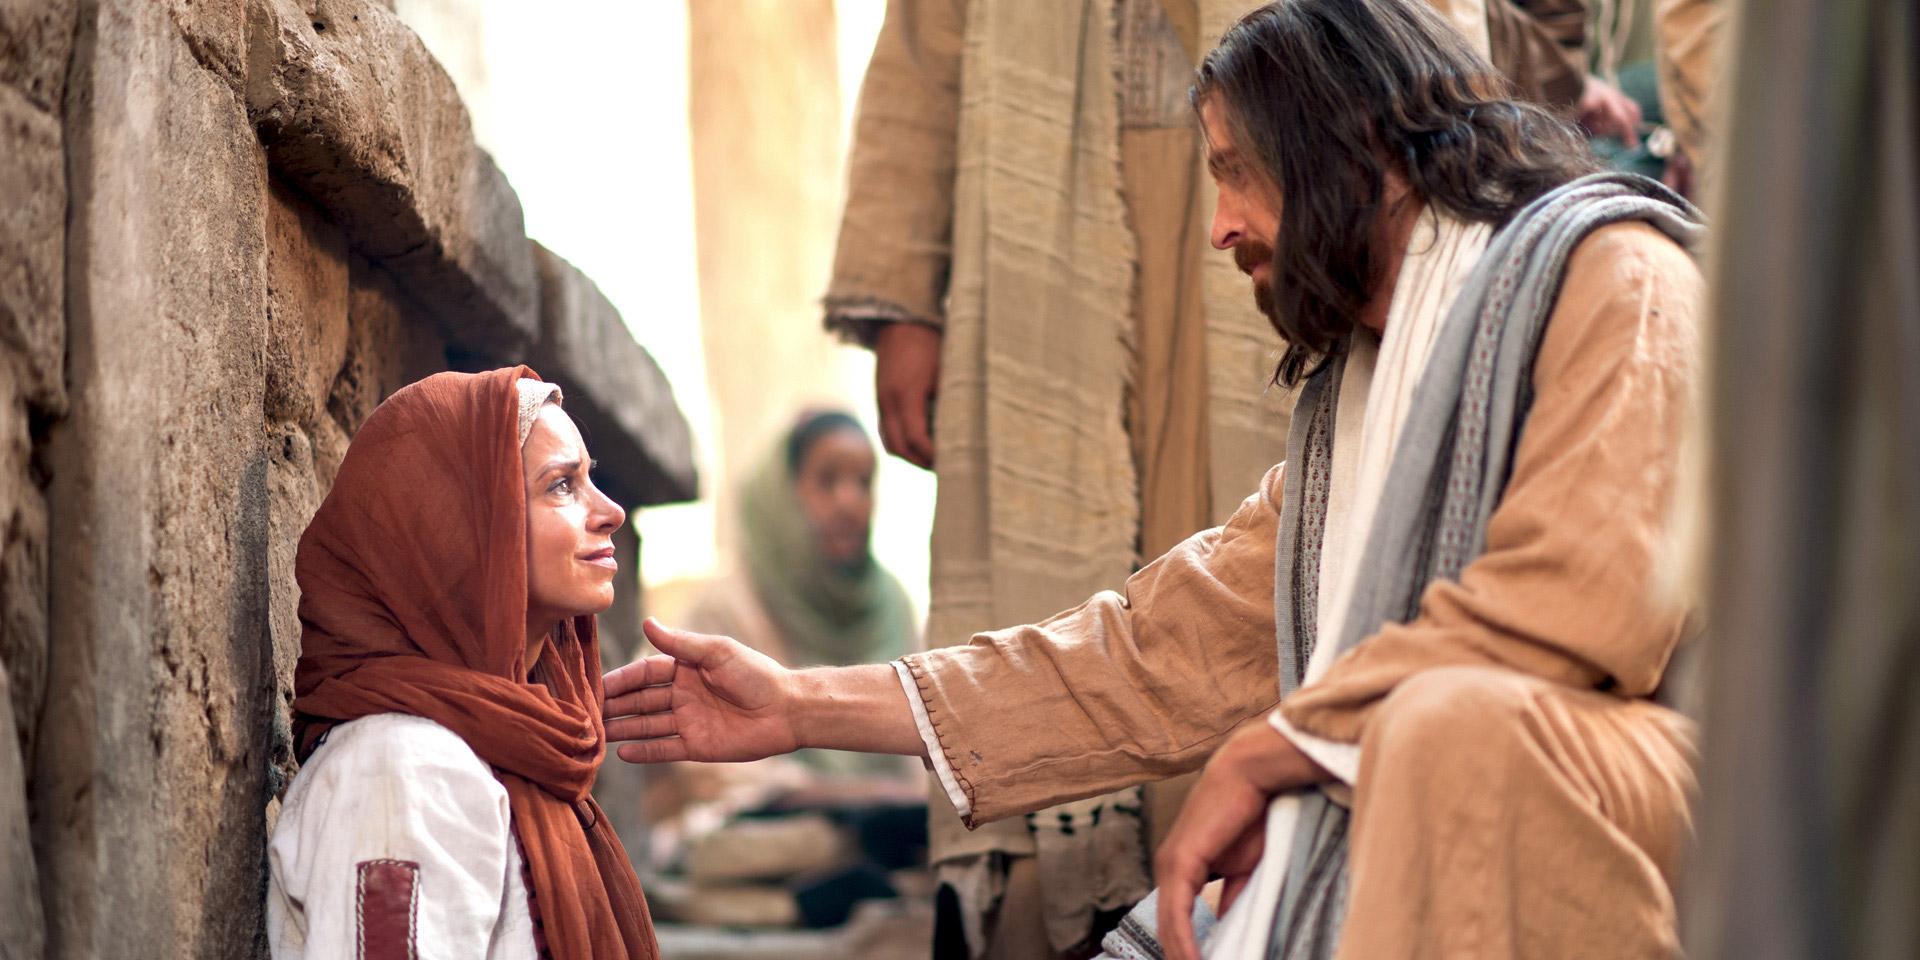 heals a woman of faith